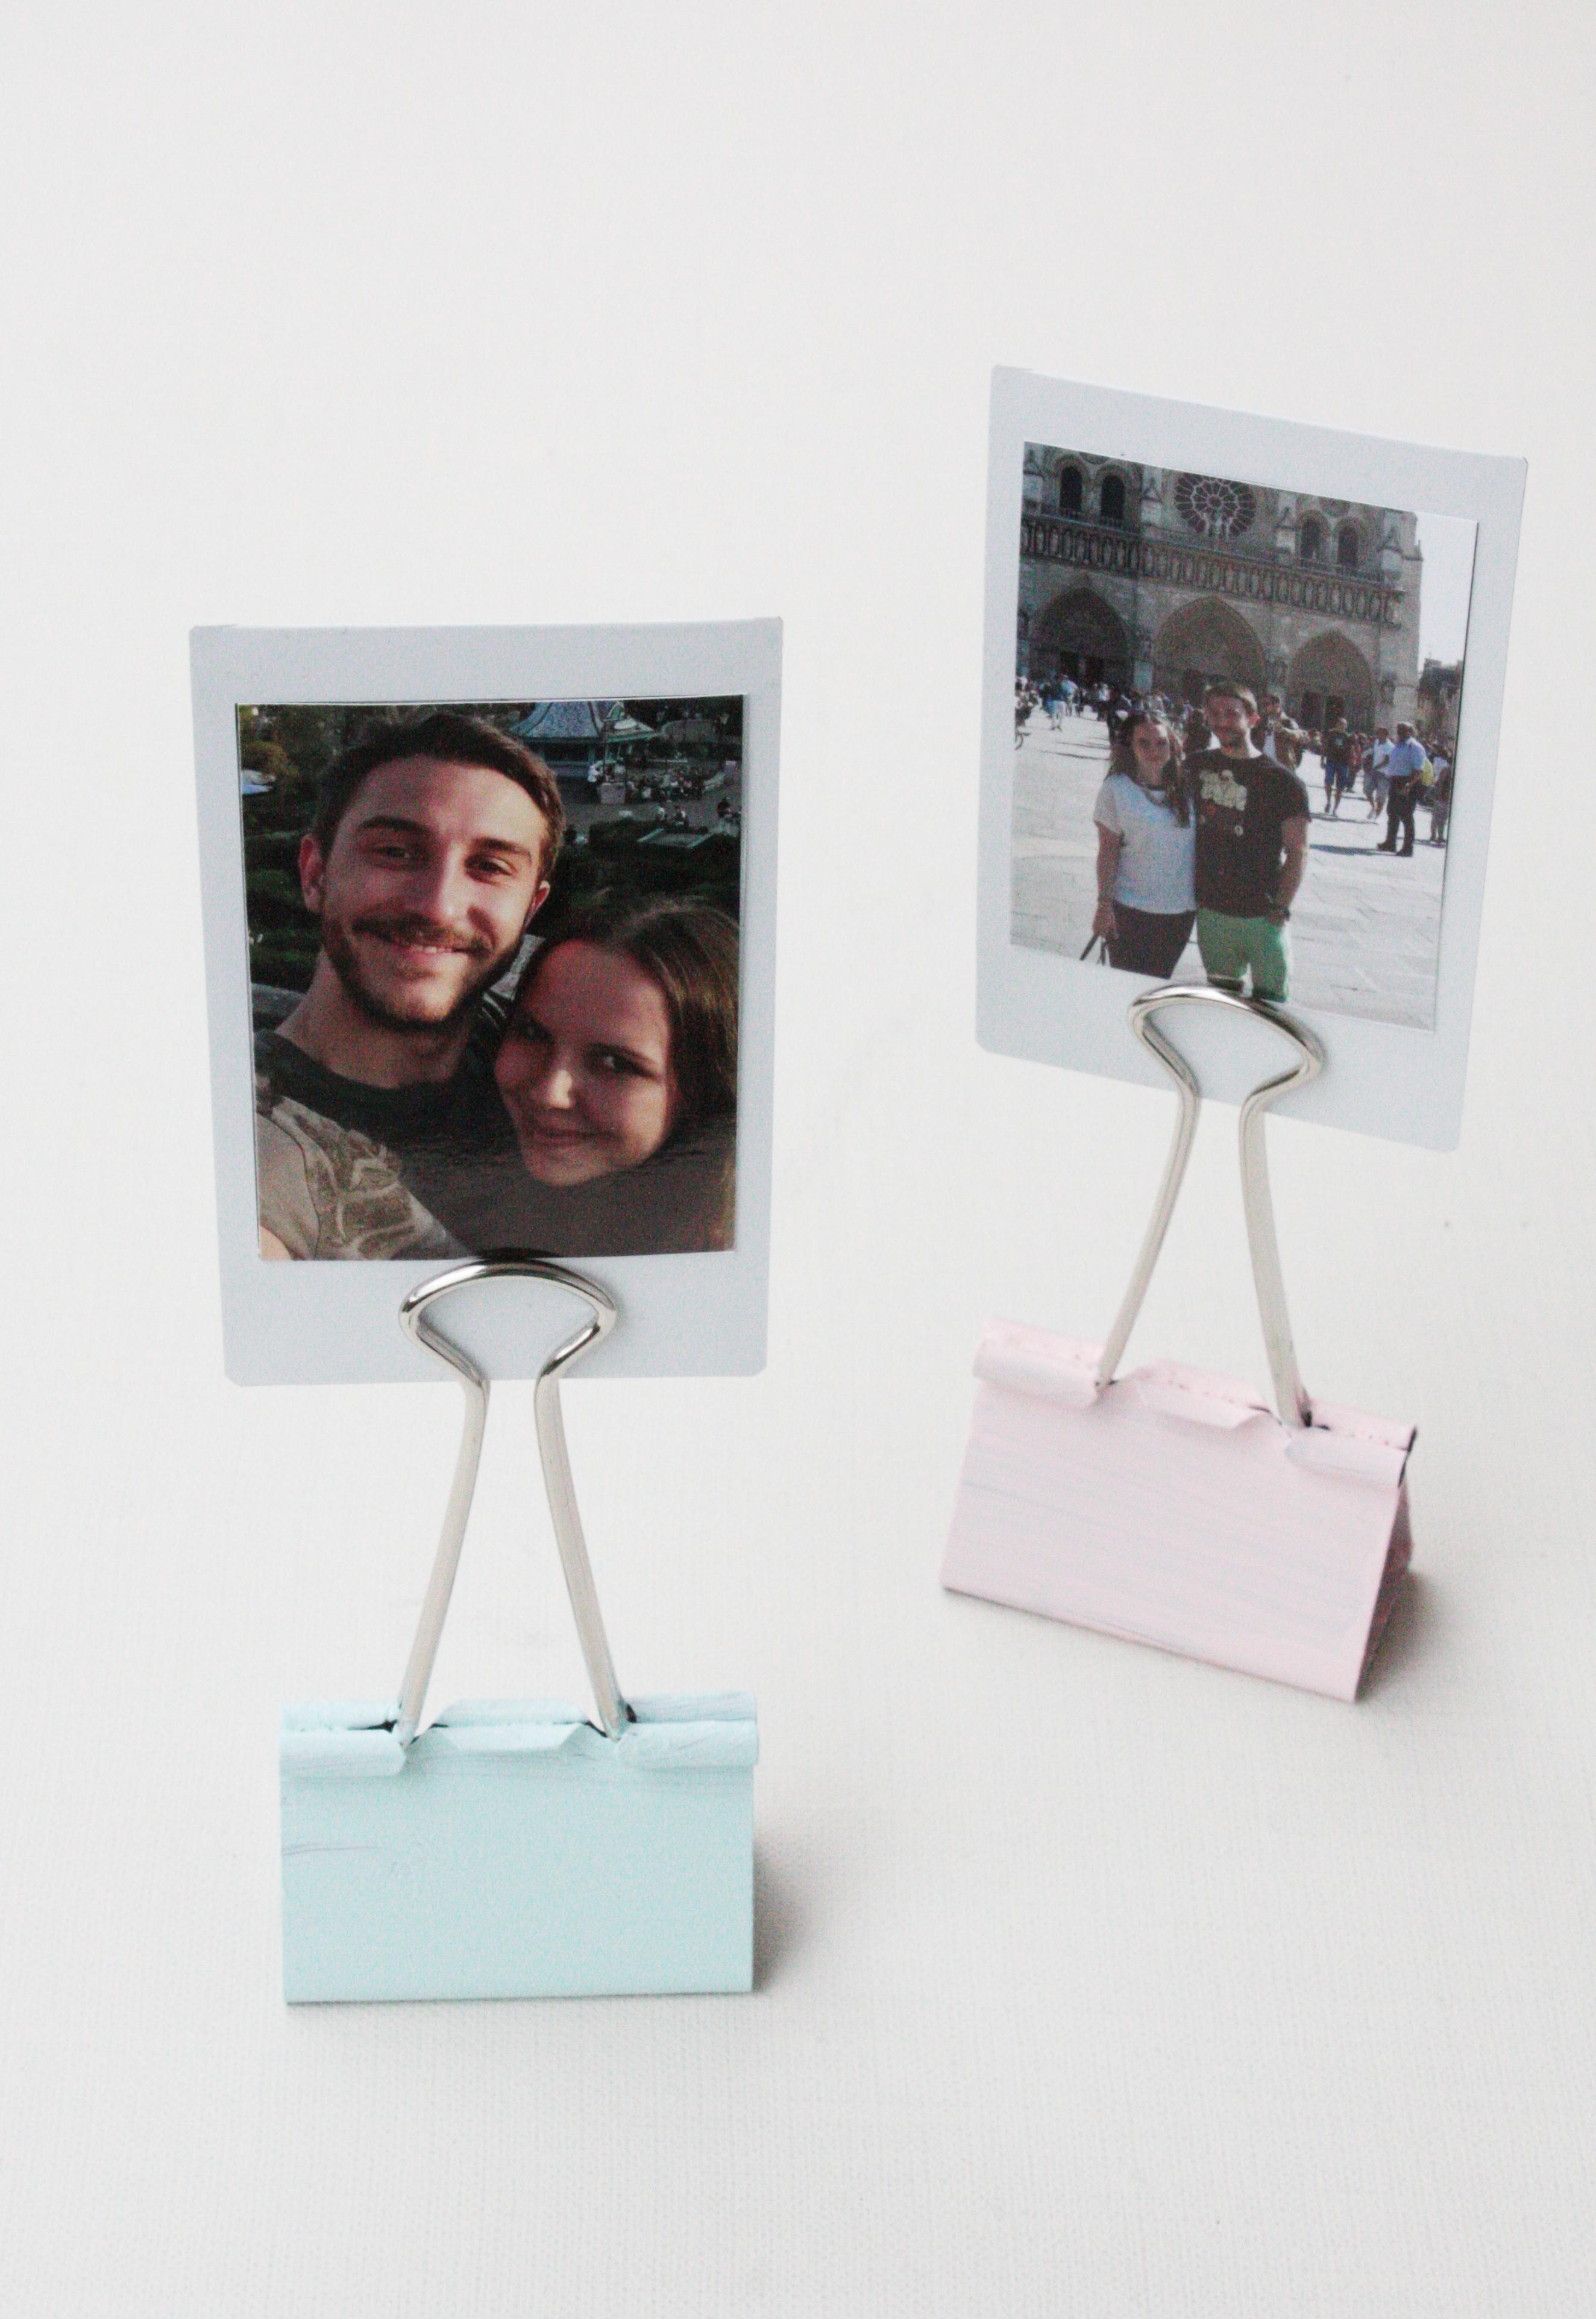 Geschenkidee Polaroid Fotohalter basteln 3